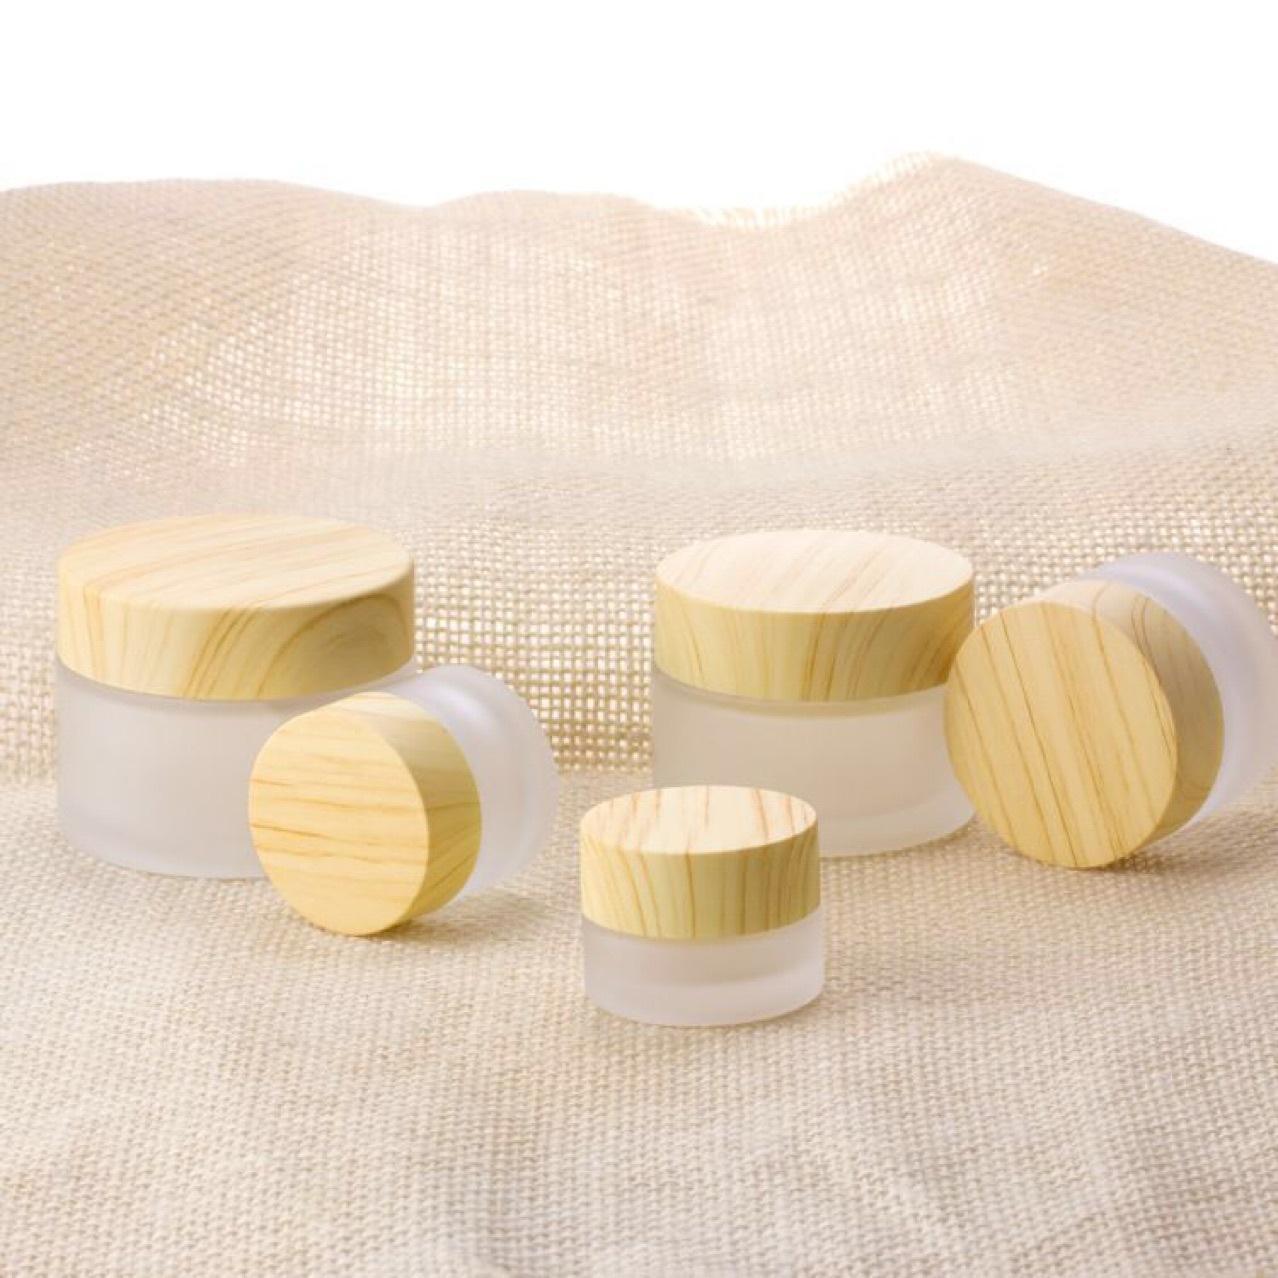 Frosted Glass Jar Cream Butelki Okrągłe Słoiki Kosmetyczne Ręcznie Twarz Pakowanie Butelki 5G 10G 15g 30g Słoiki 50g z pokrywą ziarna drewna w plastiku